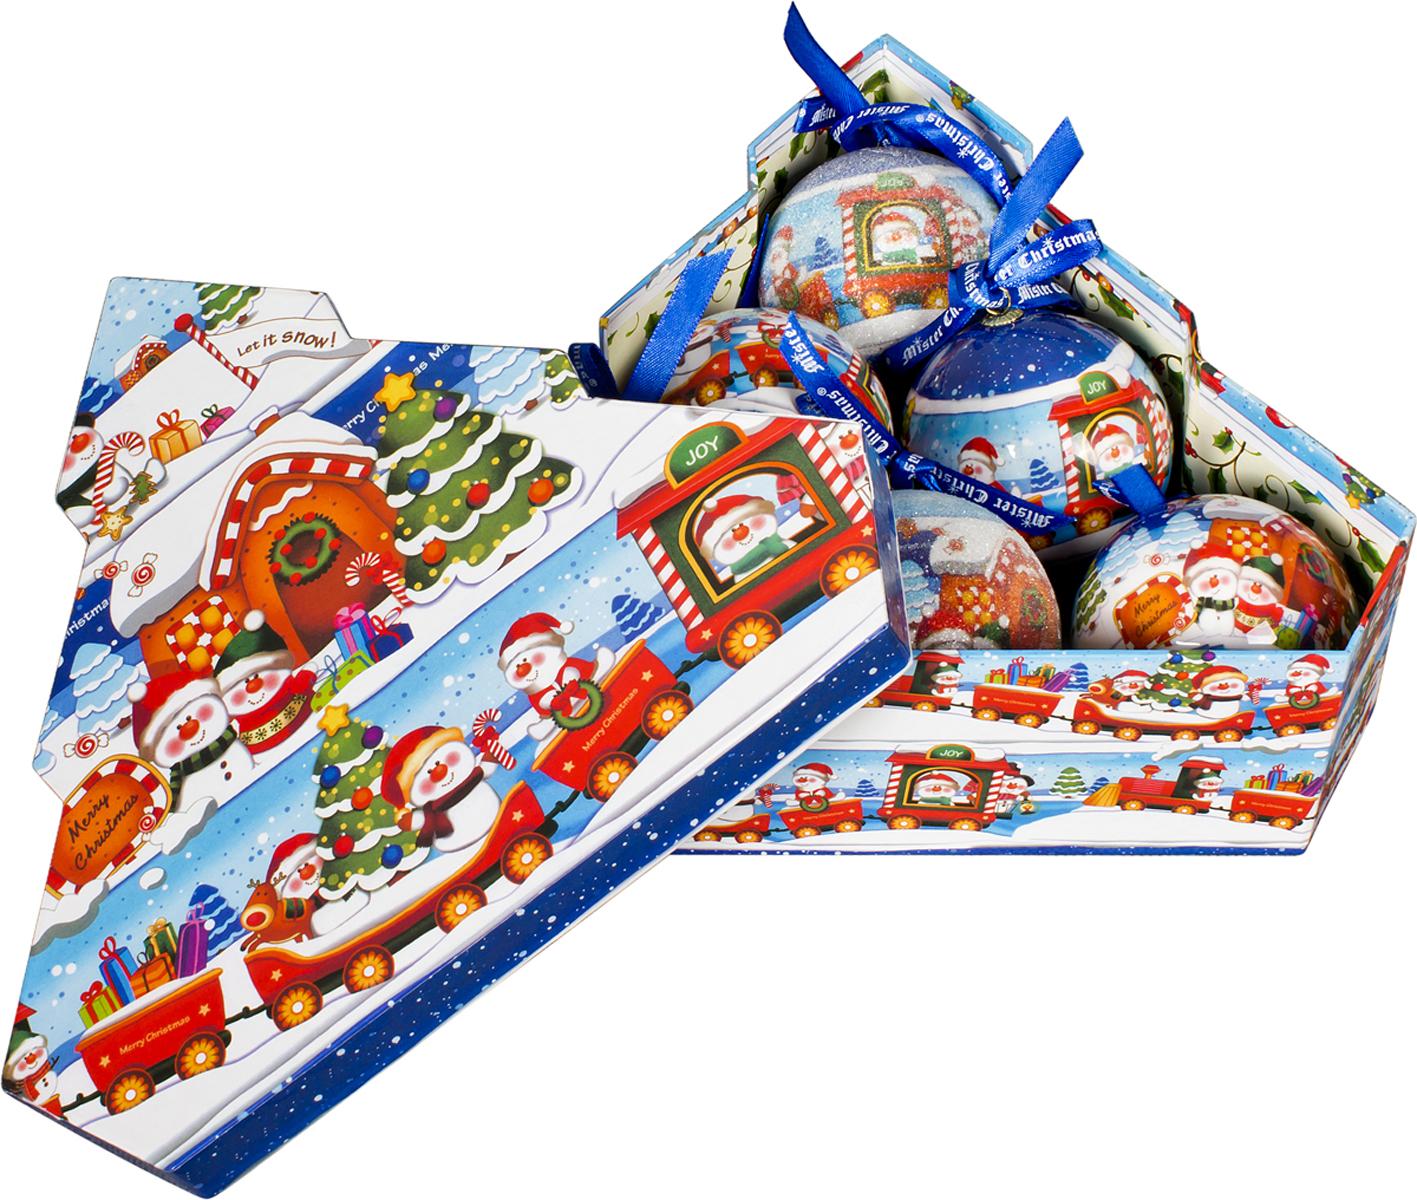 Набор новогодних подвесных украшений Mister Christmas Папье-маше, диаметр 7,5 см, 6 шт. PM-48-6TPM-48-6TНабор из 6 подвесных украшений Mister Christmas Папье-маше прекрасно подойдет для праздничного декора новогодней ели. Изделия, выполненные из бумаги и покрытые несколькими слоями лака, очень прочные и легкие. Такие шары создадут единый стиль в оформлении не только ели, но и интерьера вашего дома. В наборе игрушки имеют глянцевую поверхность и покрытые мелкой пластиковой крошкой. Все изделия оснащены атласной ленточкой с логотипом бренда Mister Christmas для подвешивания. Такие украшения станут превосходным подарком к Новому году, а также дополнят коллекцию оригинальных новогодних елочных игрушек.